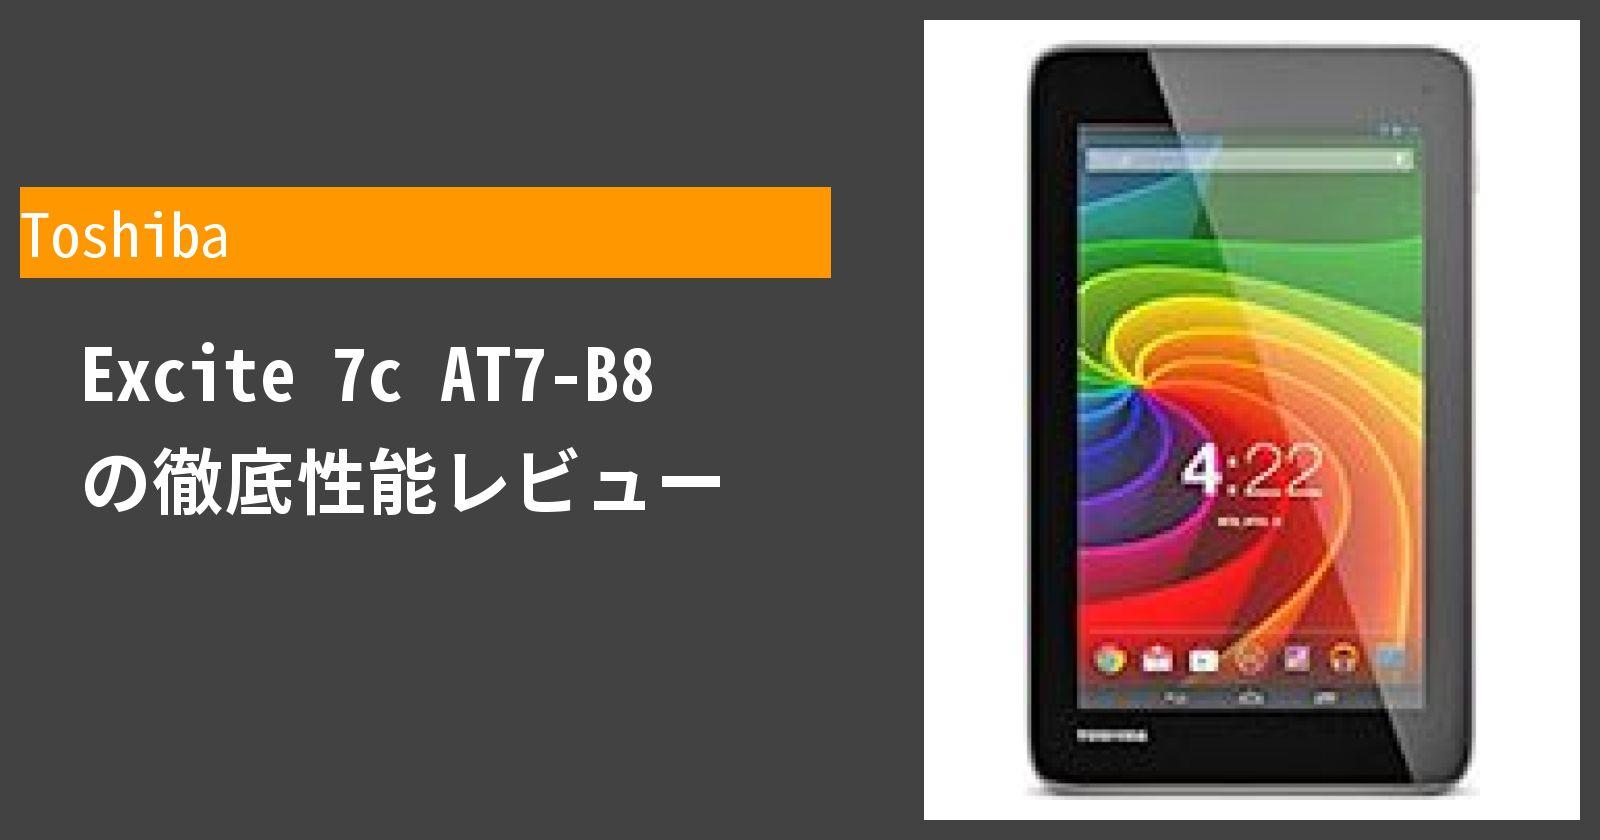 Toshiba Excite 7c AT7-B8 の徹底性能レビュー